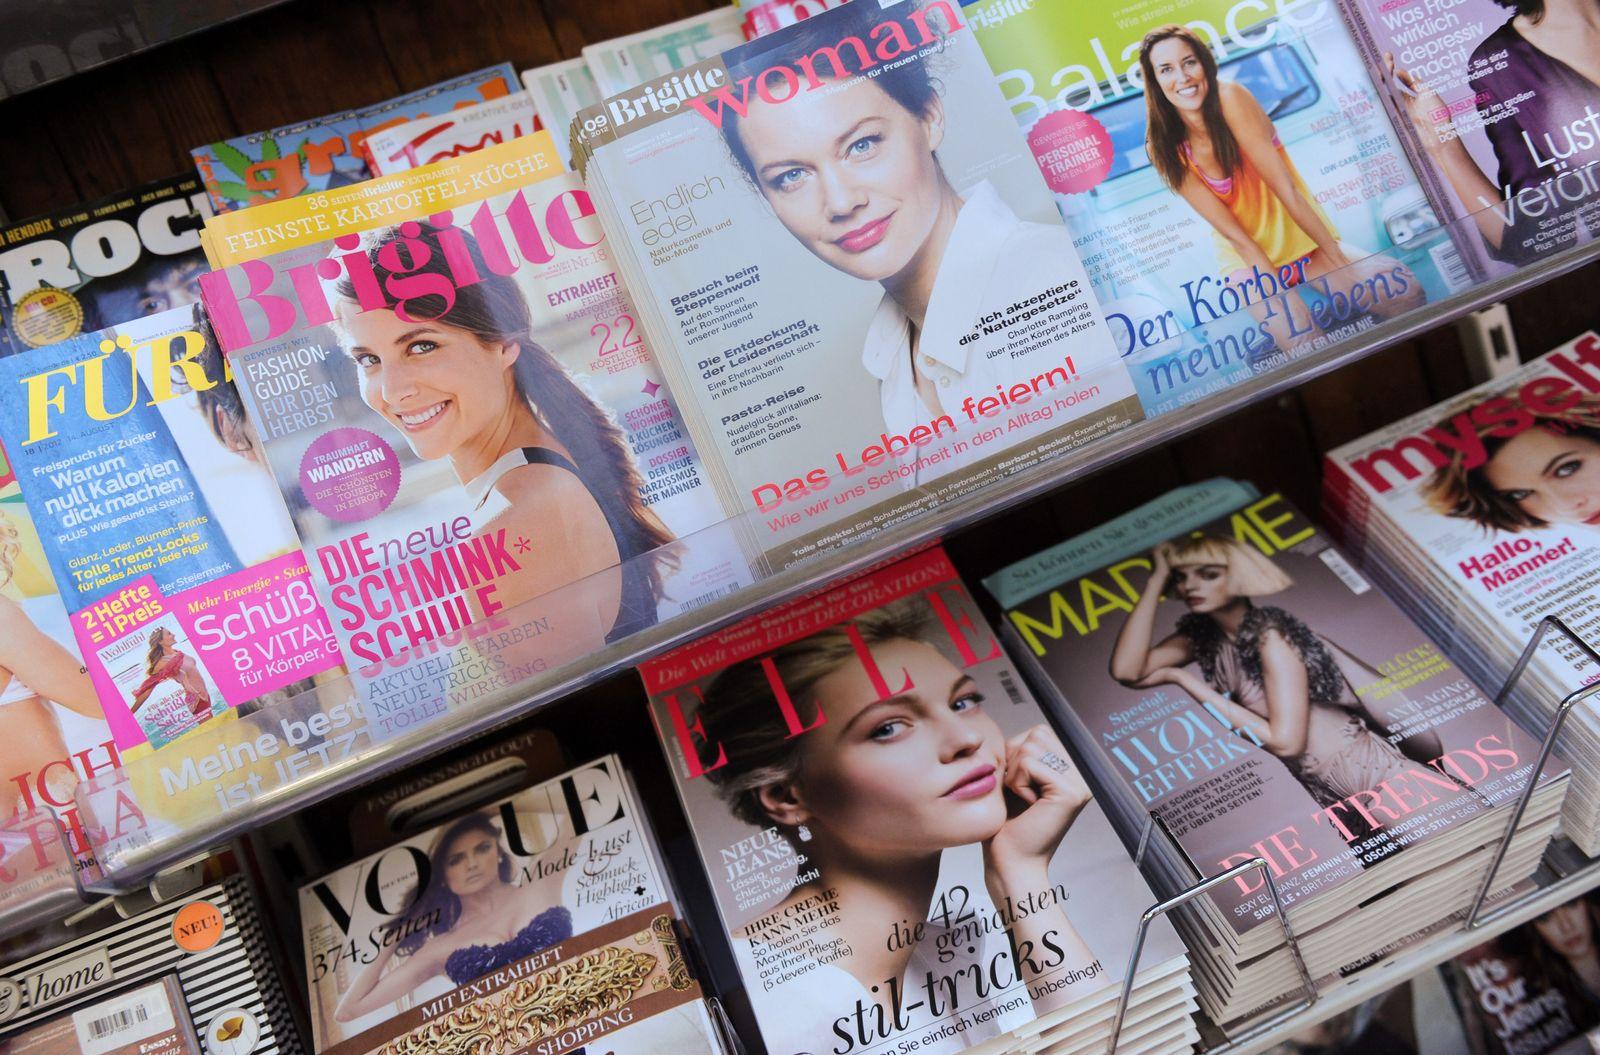 Brigitte/ Frauen-Zeitschrift